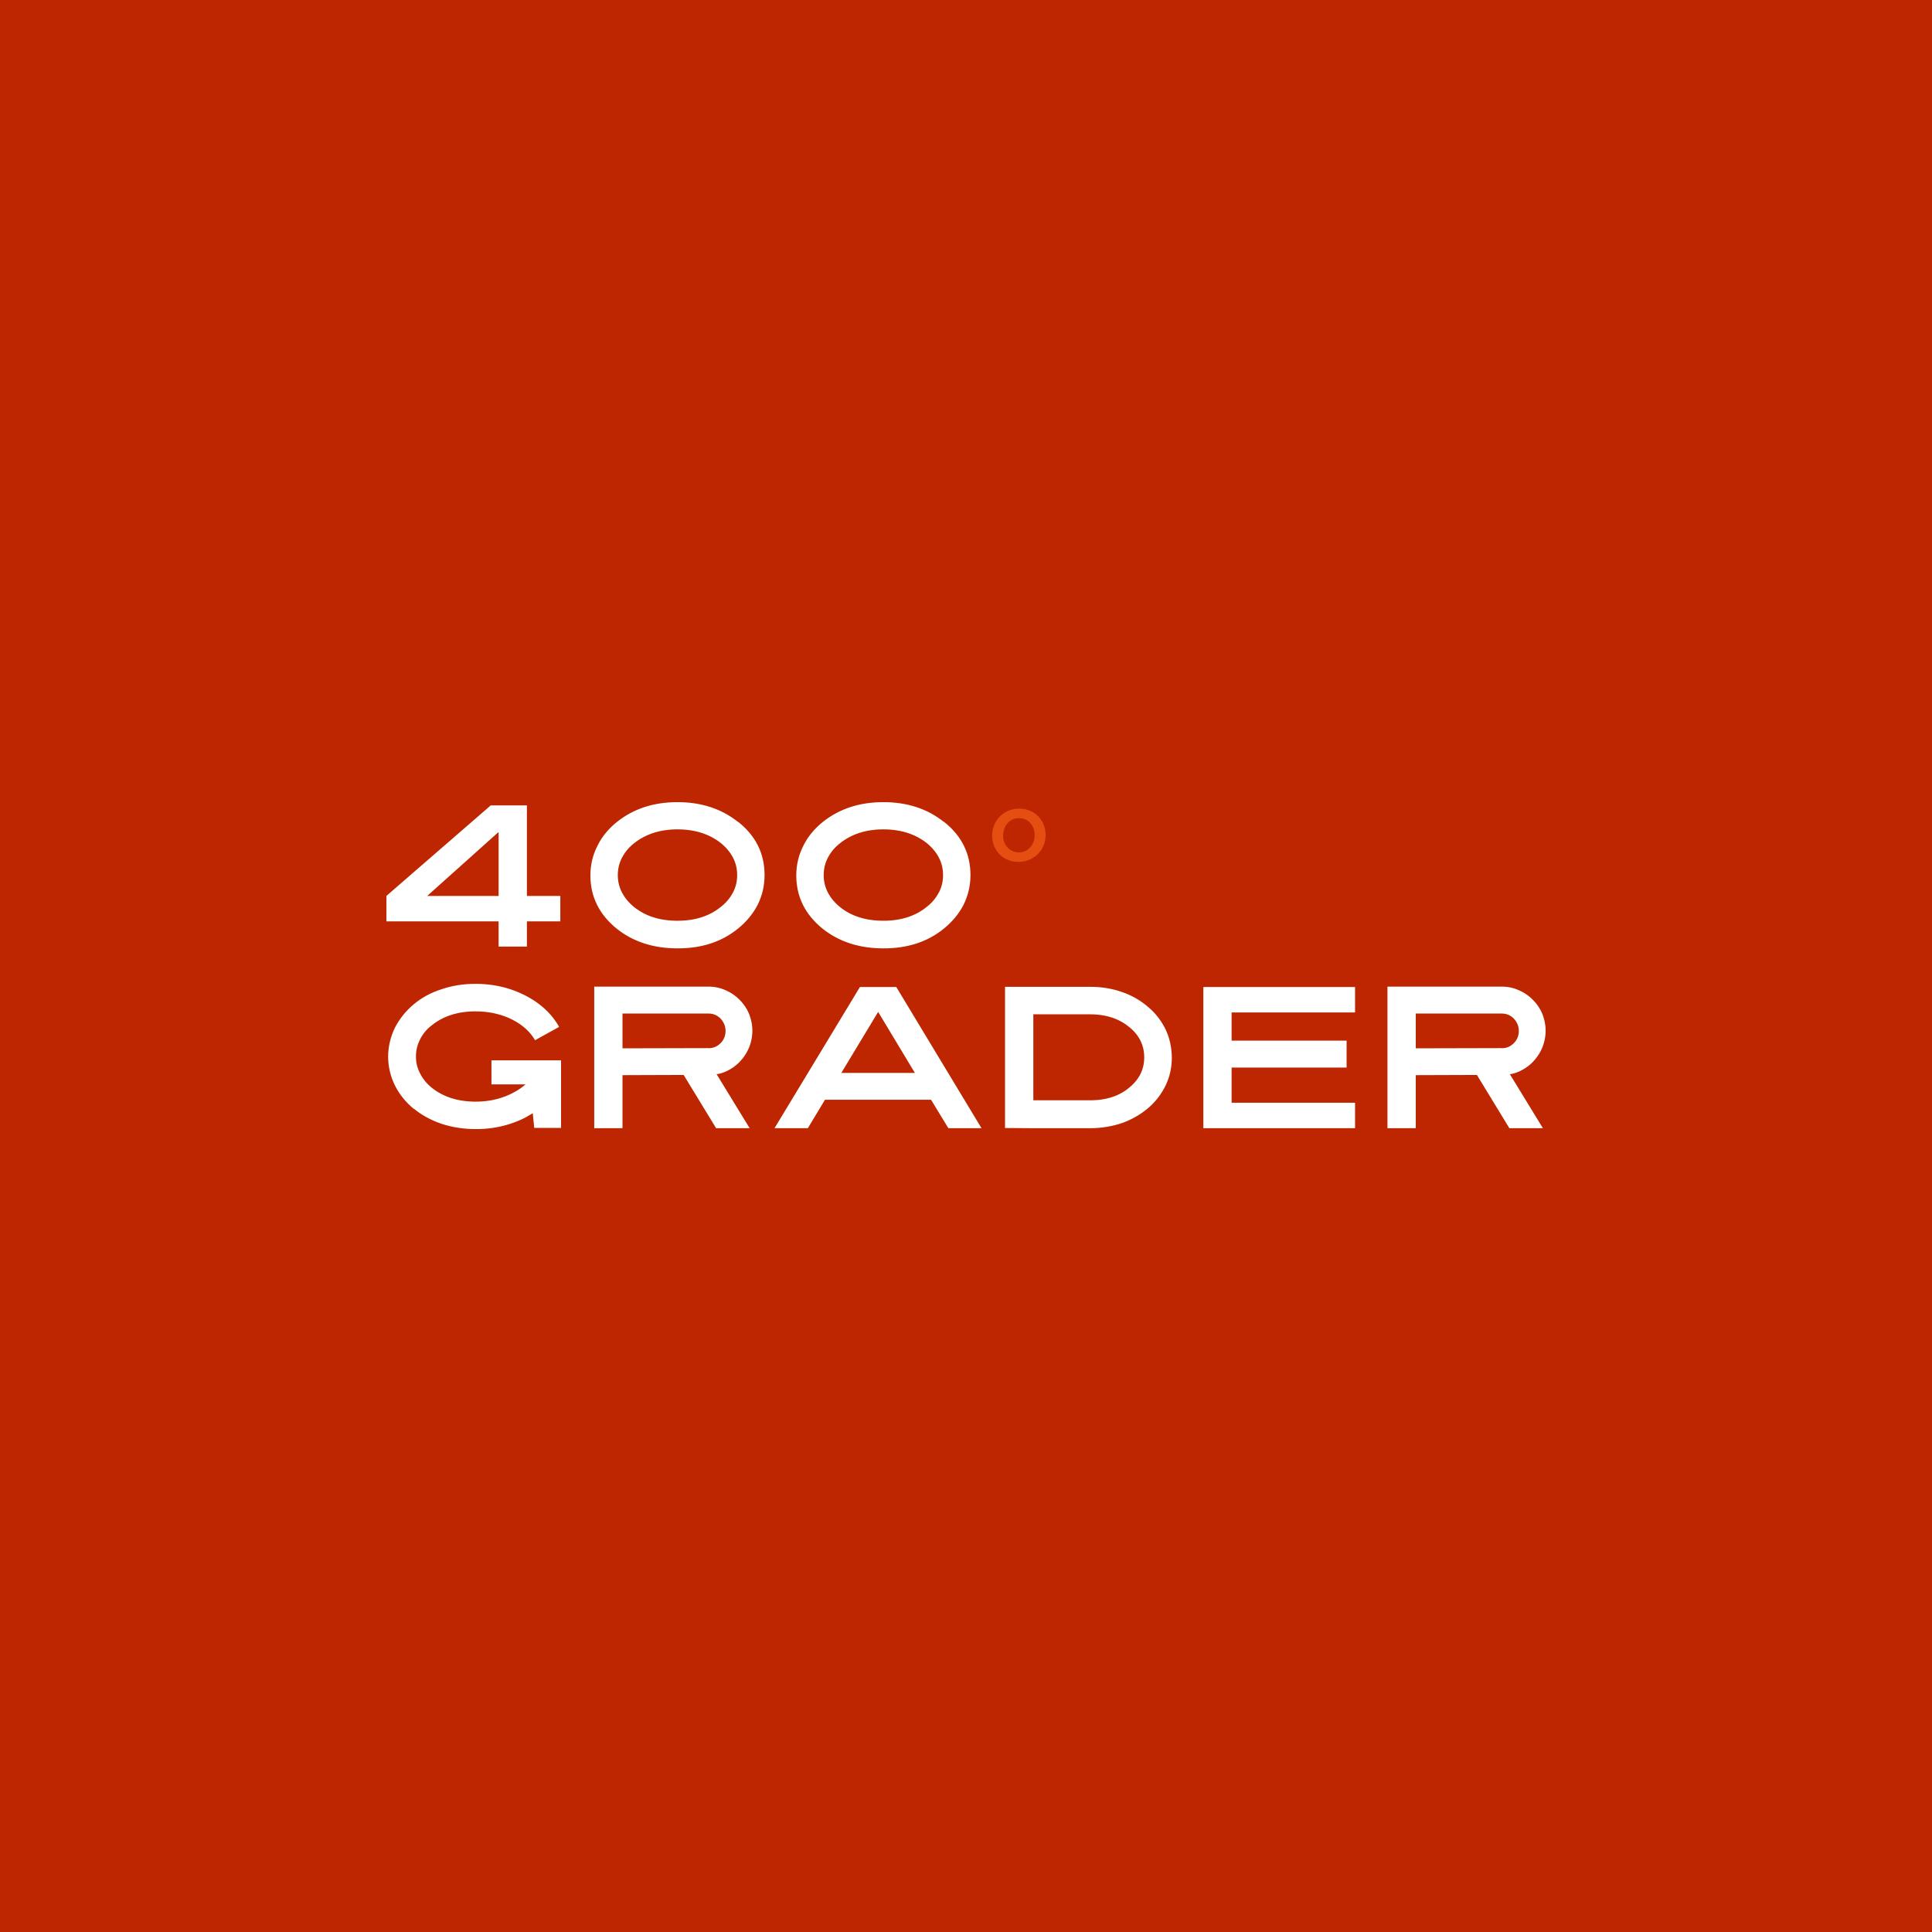 Mock-up for 400 Grader